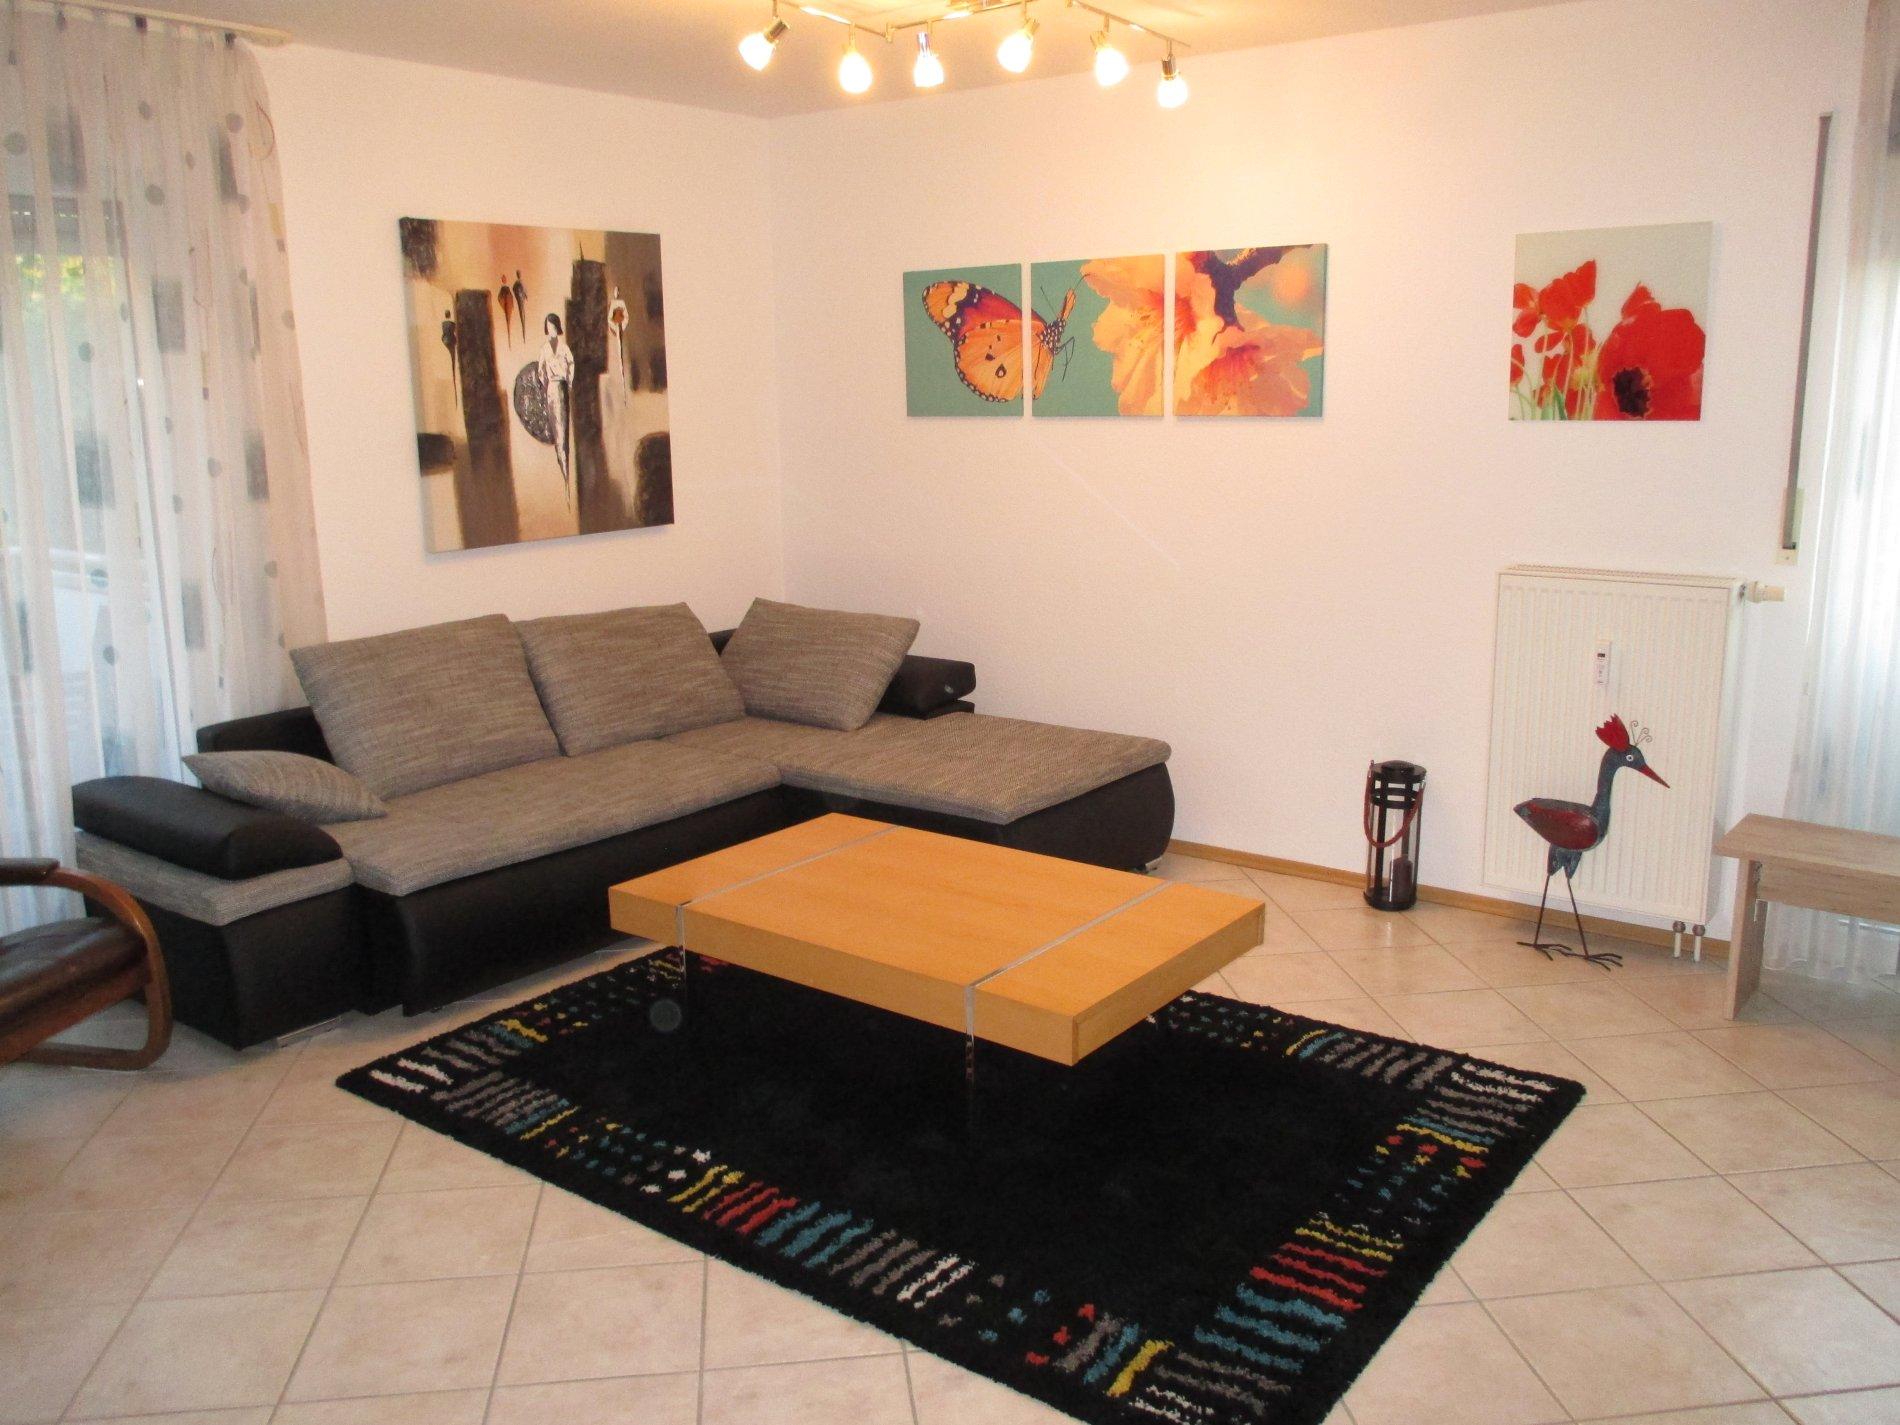 Großes Wohnzimmer mit grauer Couch